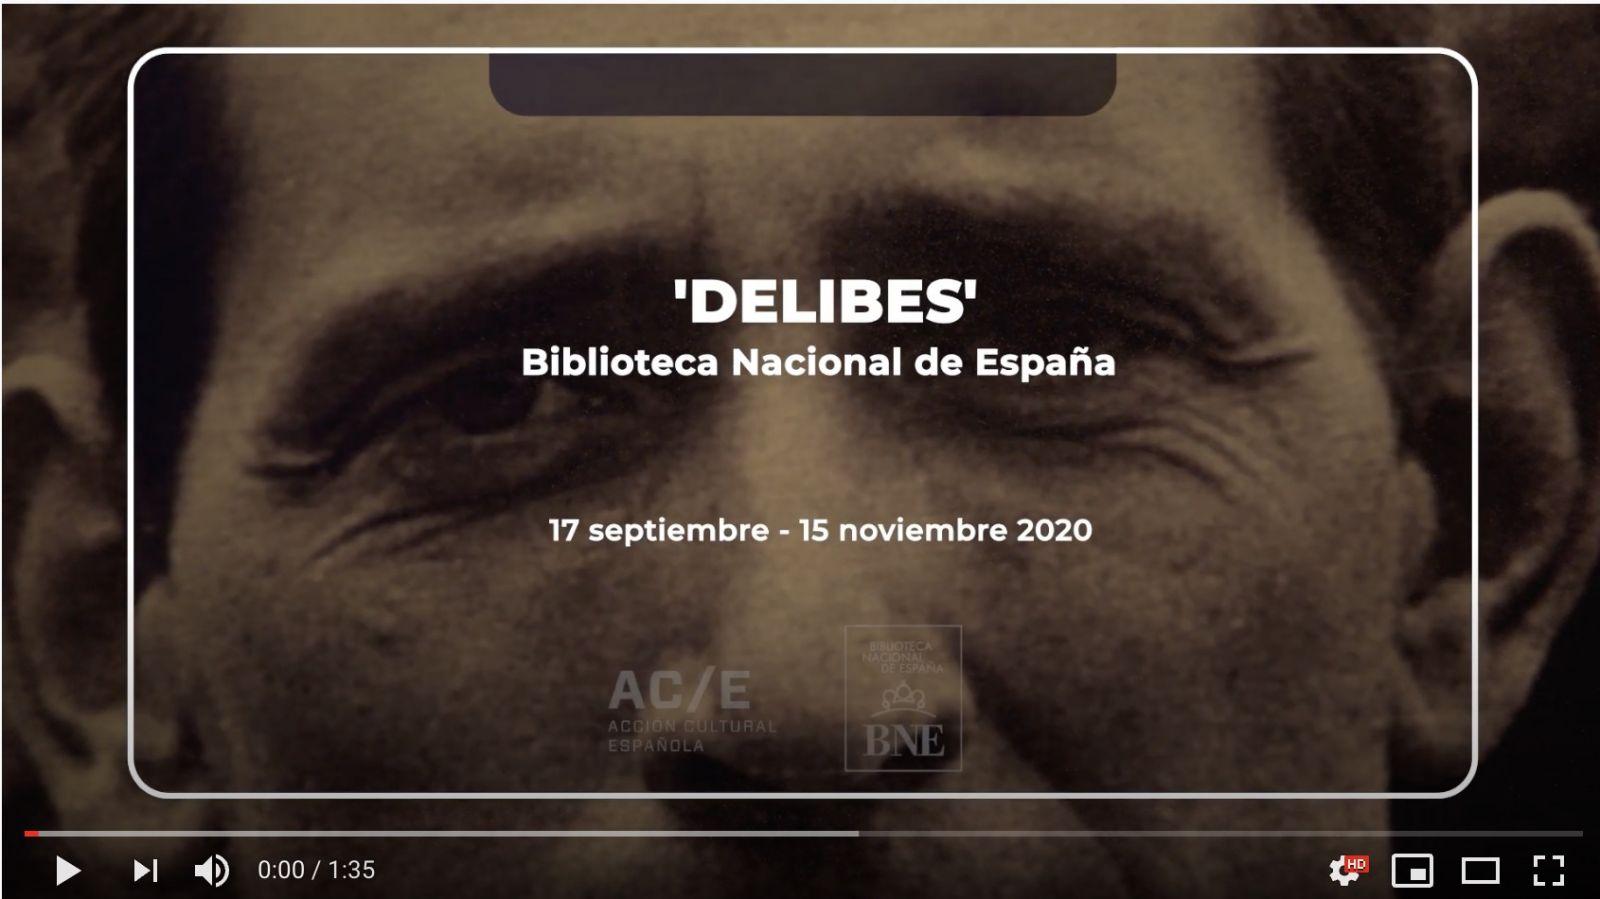 Delibes, la exposición.